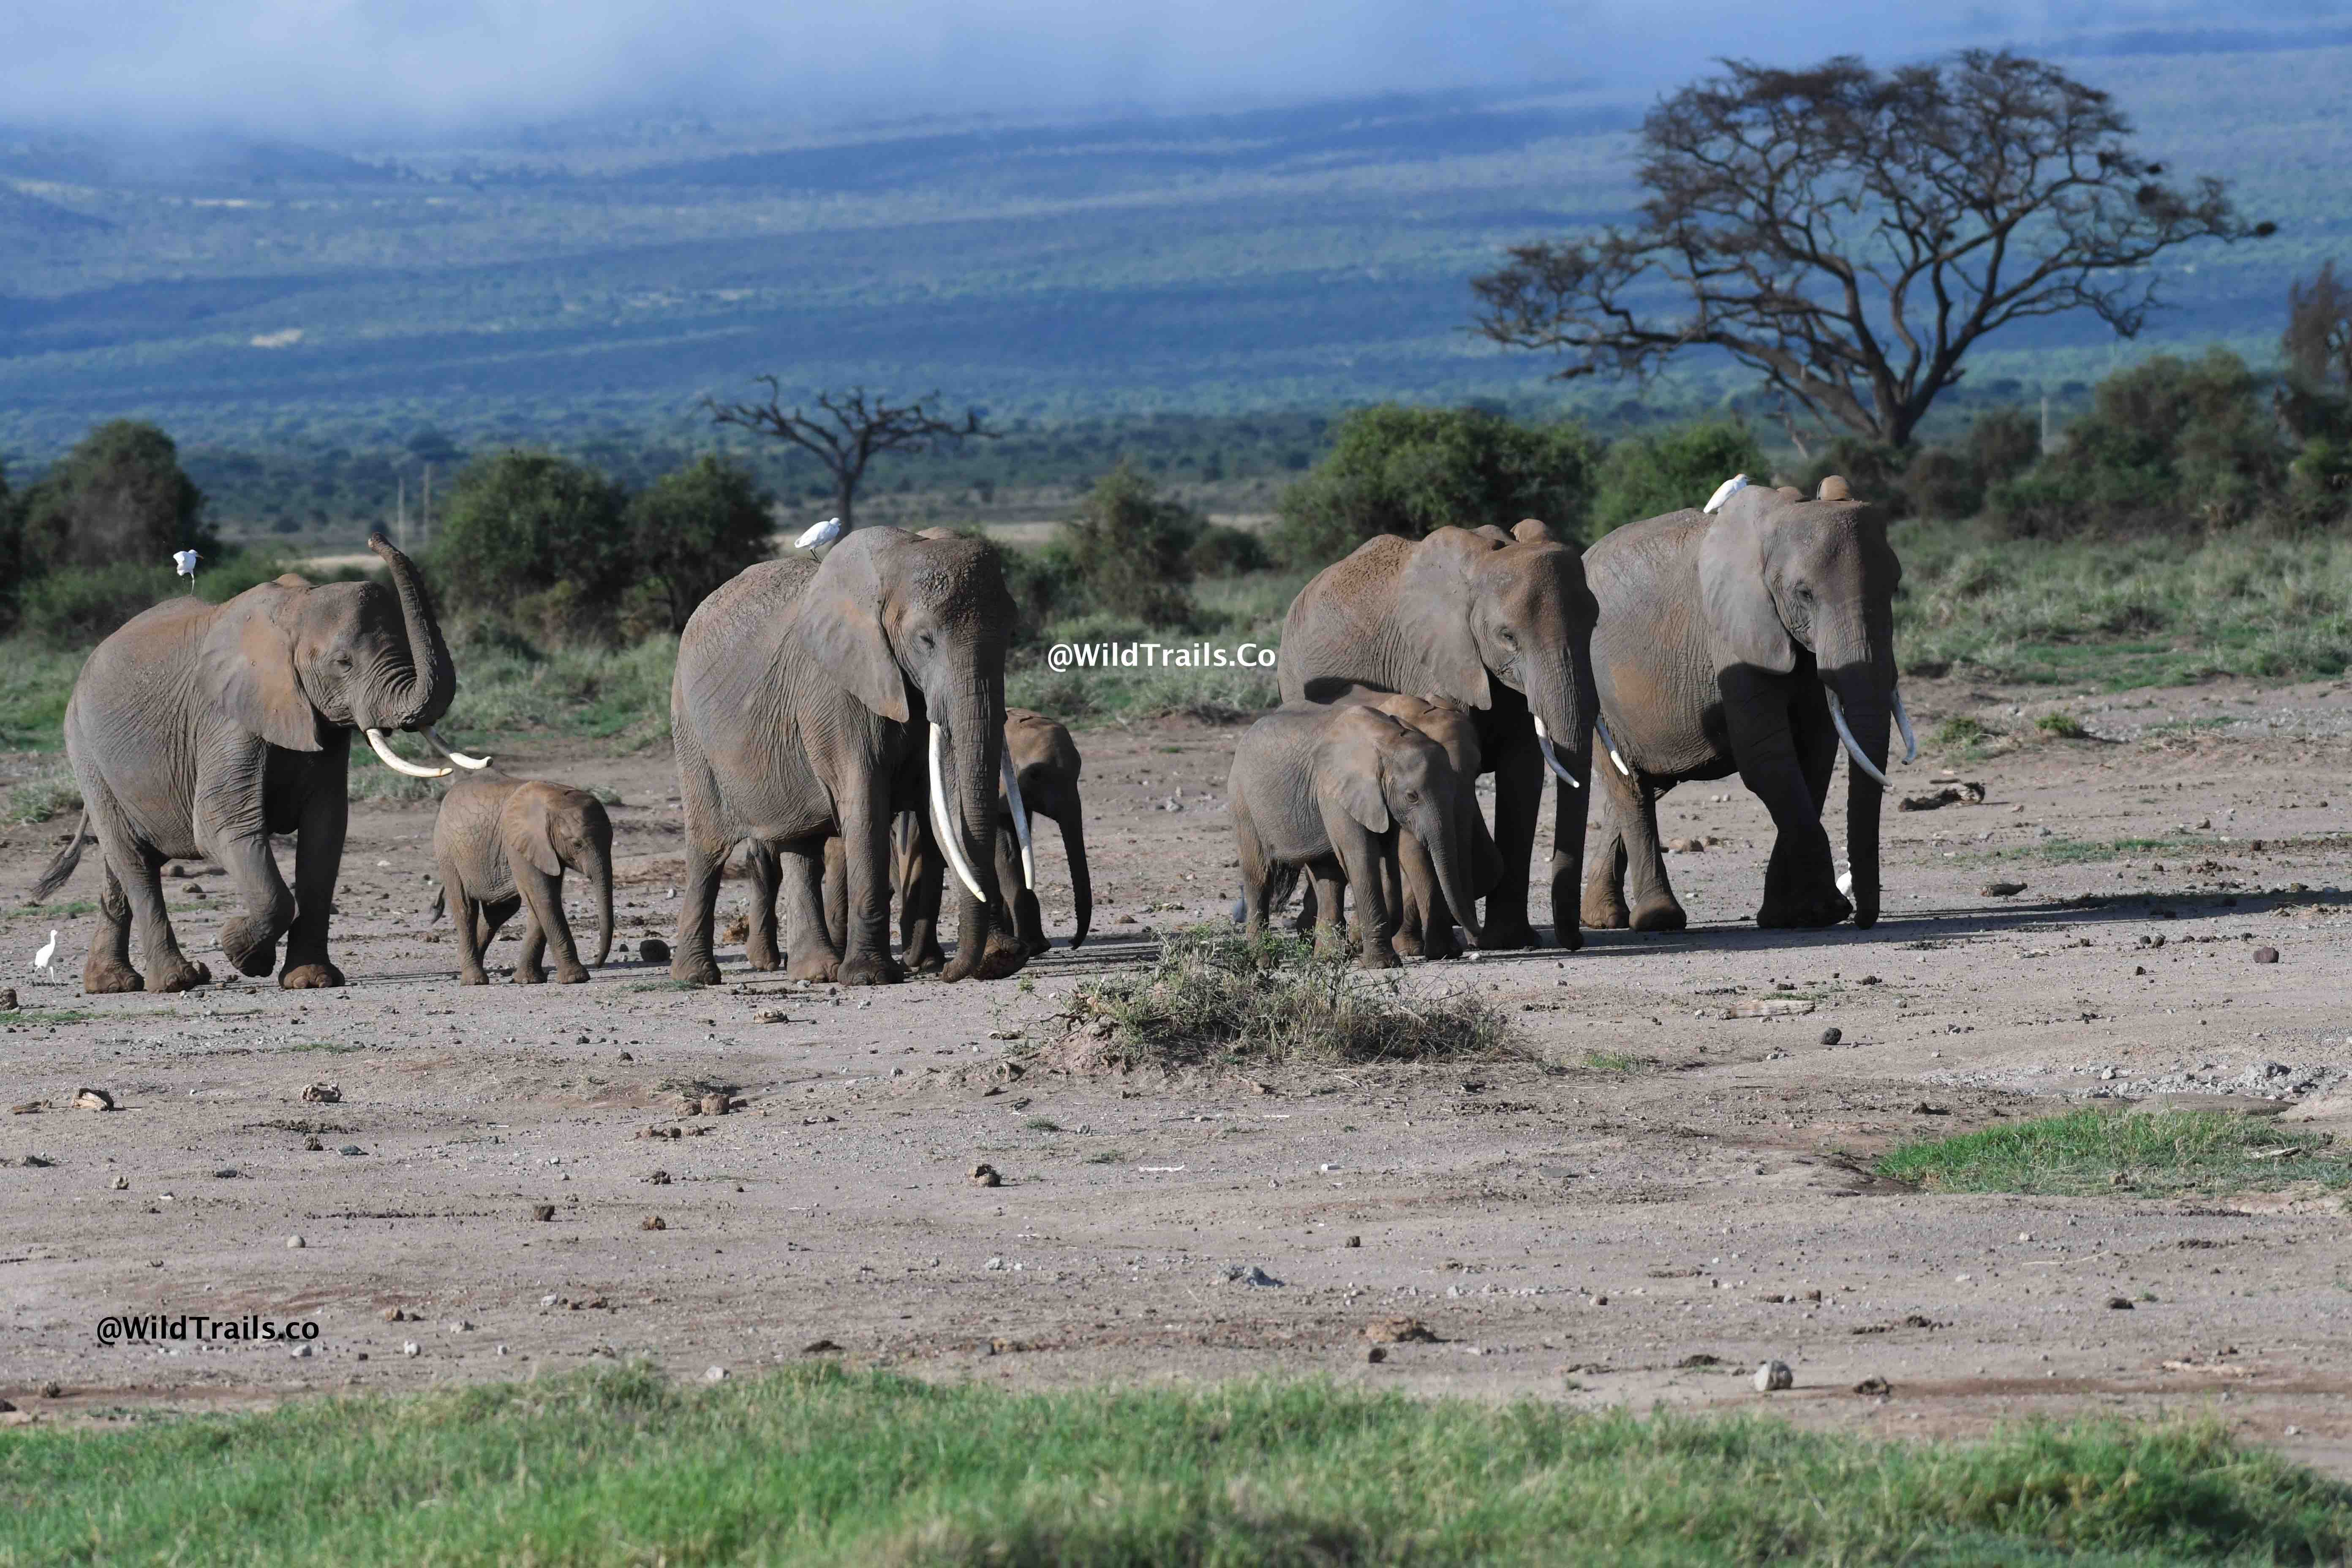 Kenya Safari for Big5 Amboseli